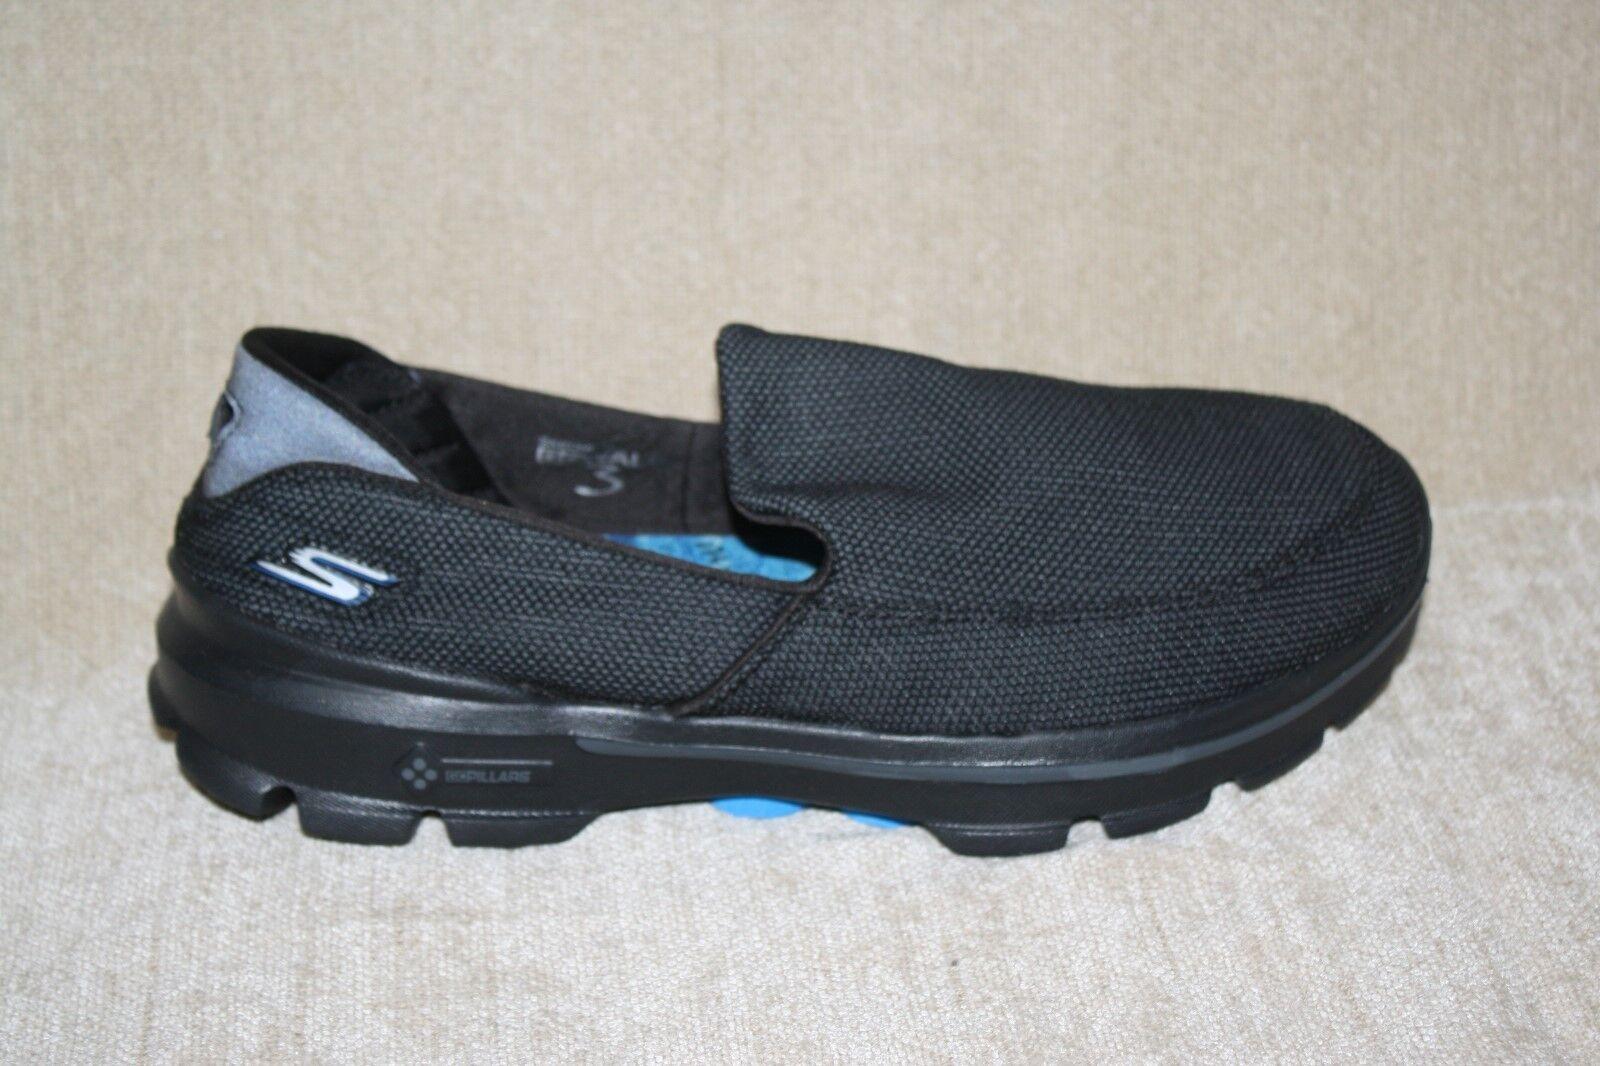 Hombre para Skechers Go Walk 3 negro zapatos para Hombre caminar sn53852-see tamaños (244) c15c9a